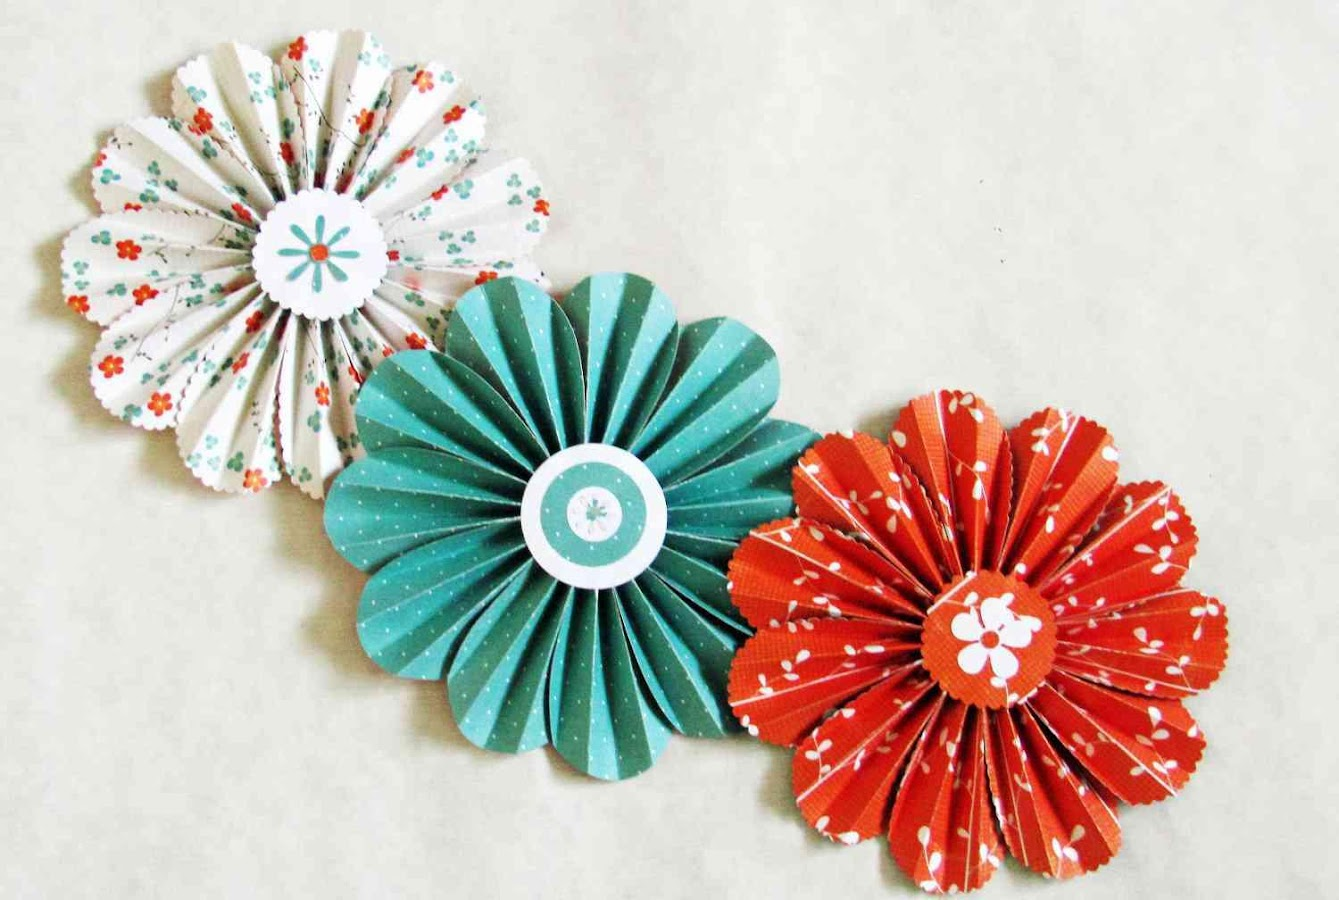 Scrapbook ideas with flowers - Creative Paper Flower Ideas Screenshot